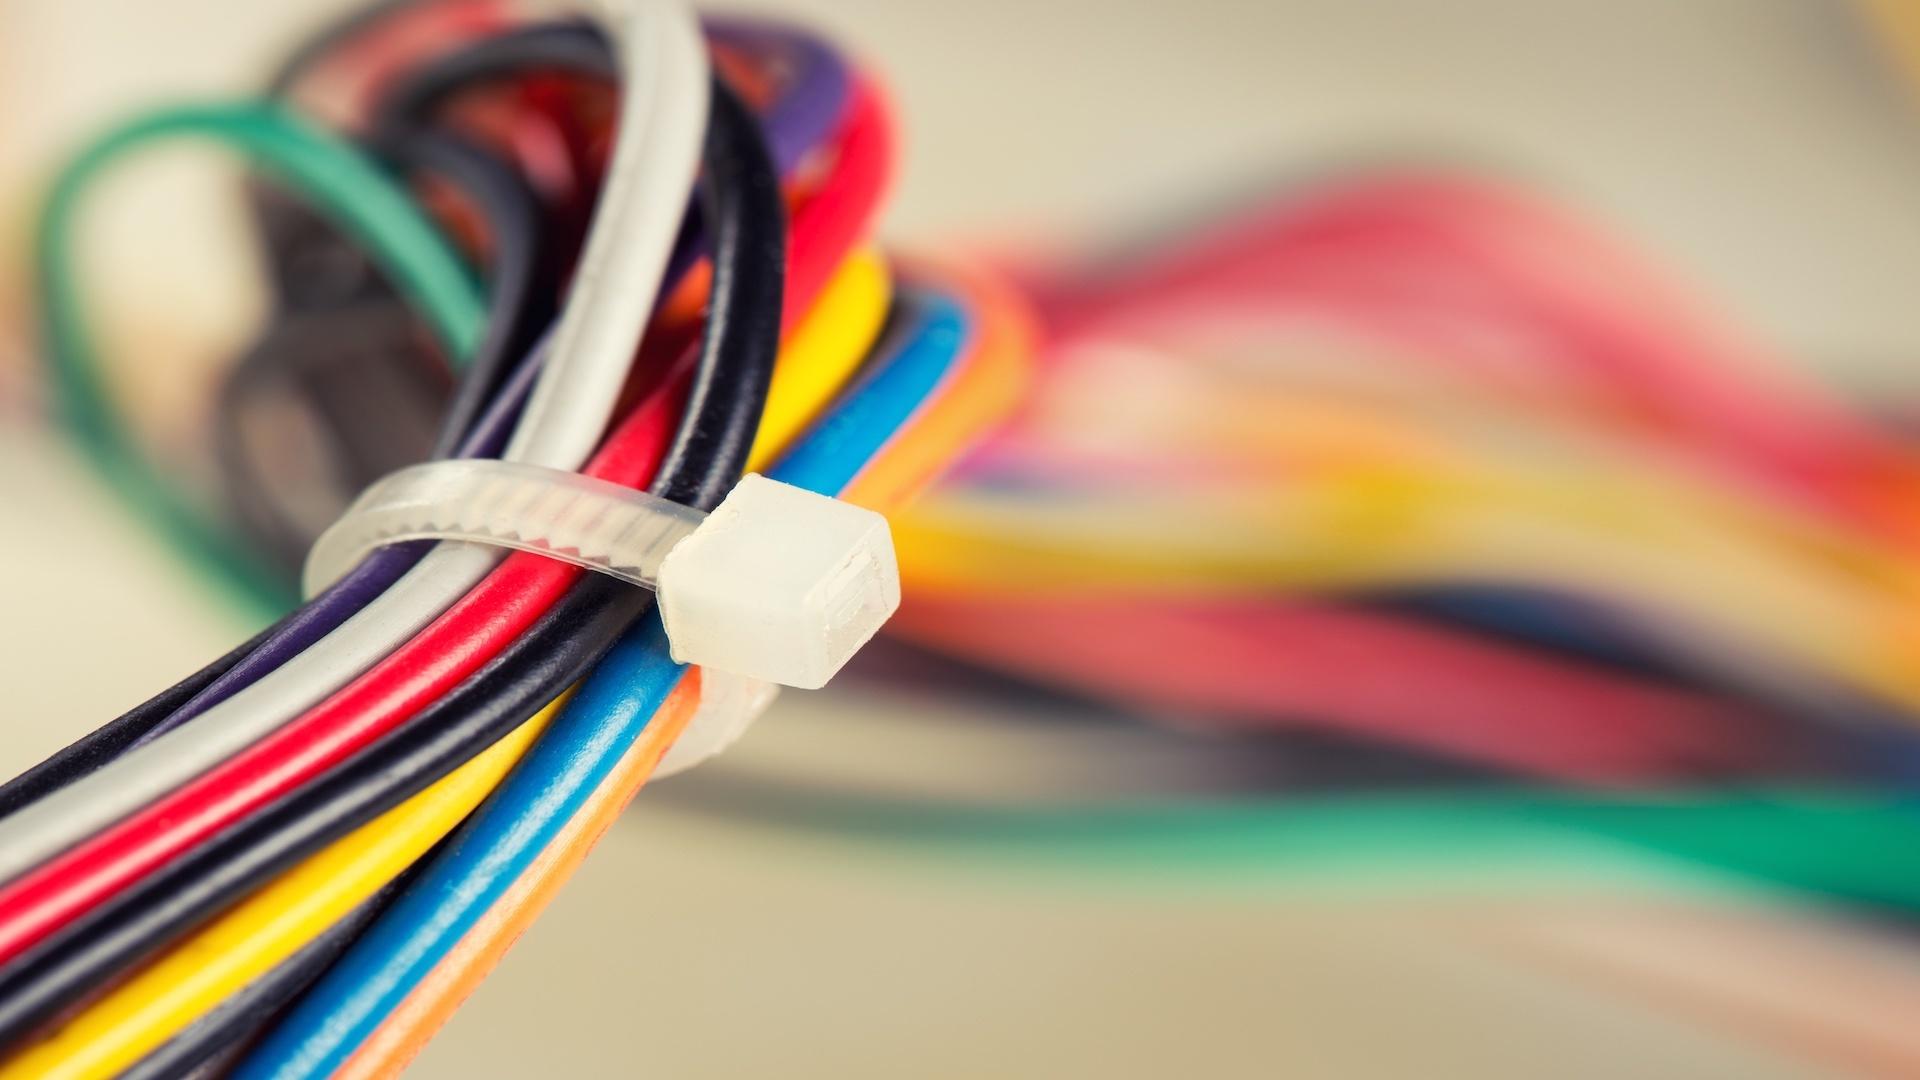 Miglior rilevatore di tubi e cavi elettrici 2021: Guida all'acquisto